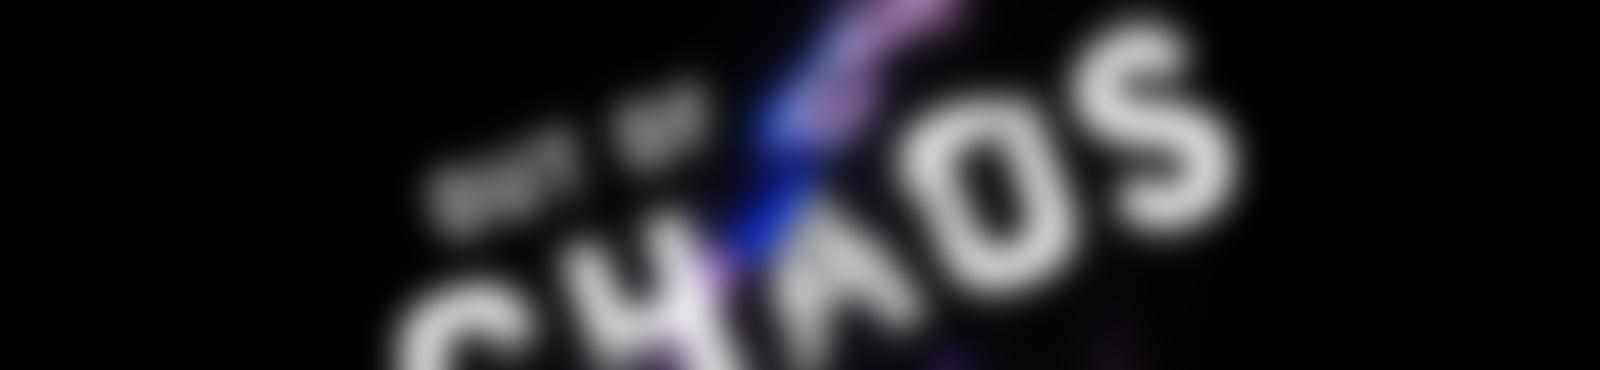 Blurred 0328449b d0f9 44e9 8152 2047e20fc2c6